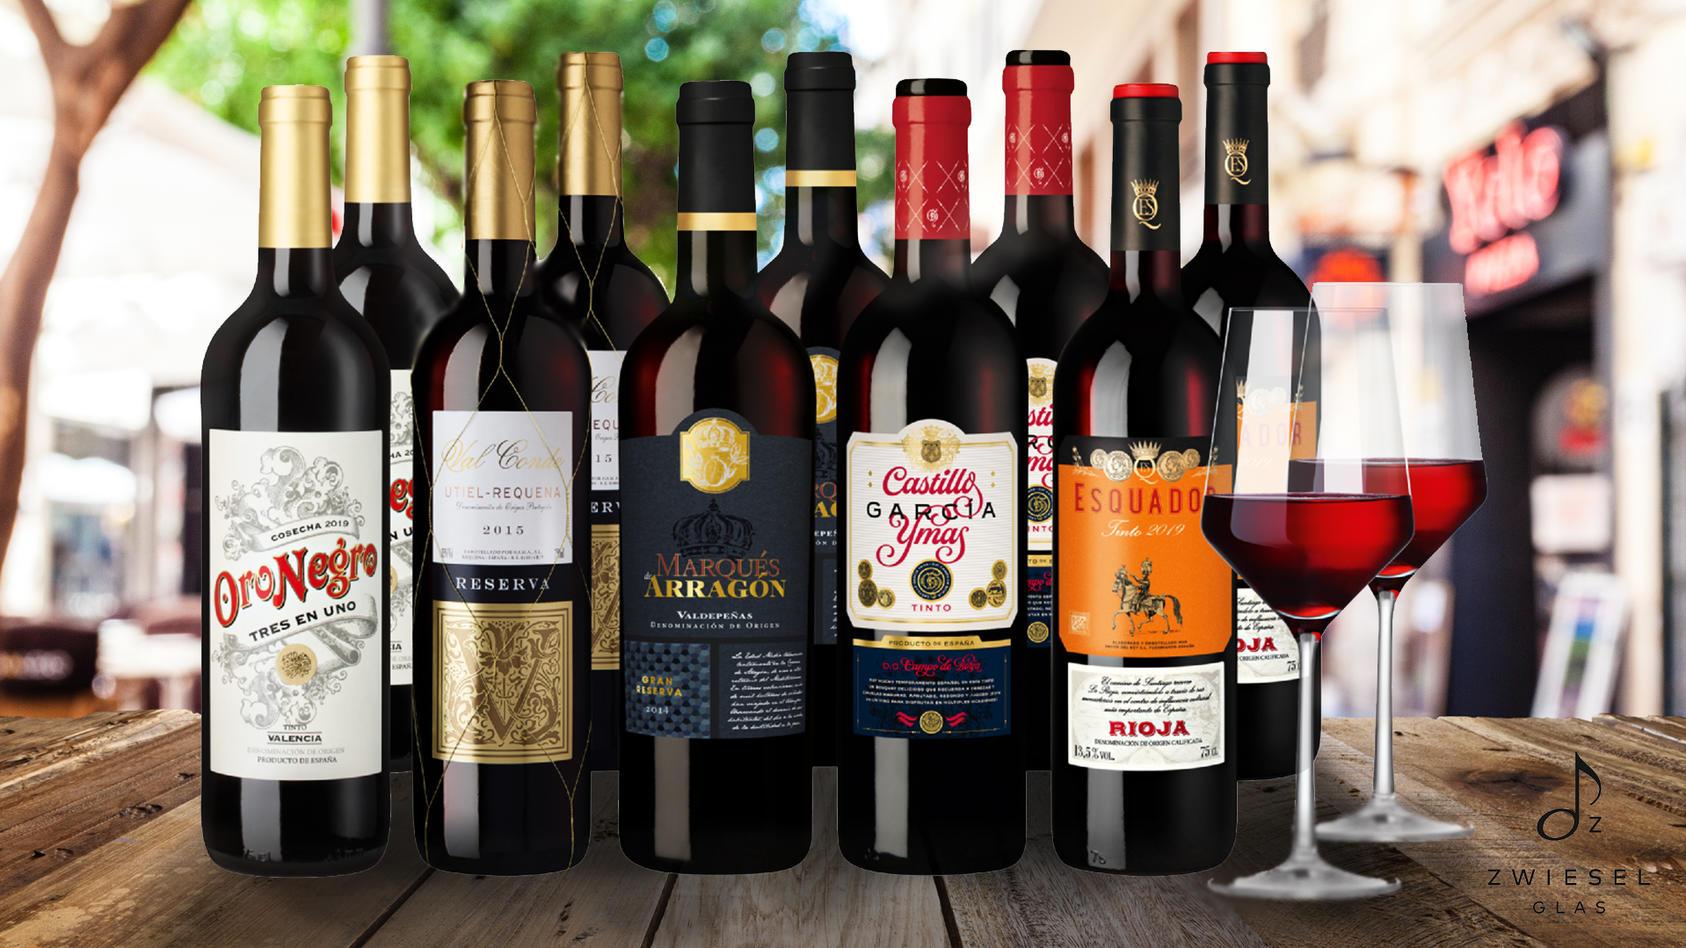 Wein-Angebot: Online gibt es diese prämierten Rotweine mit exklusivem Rabatt